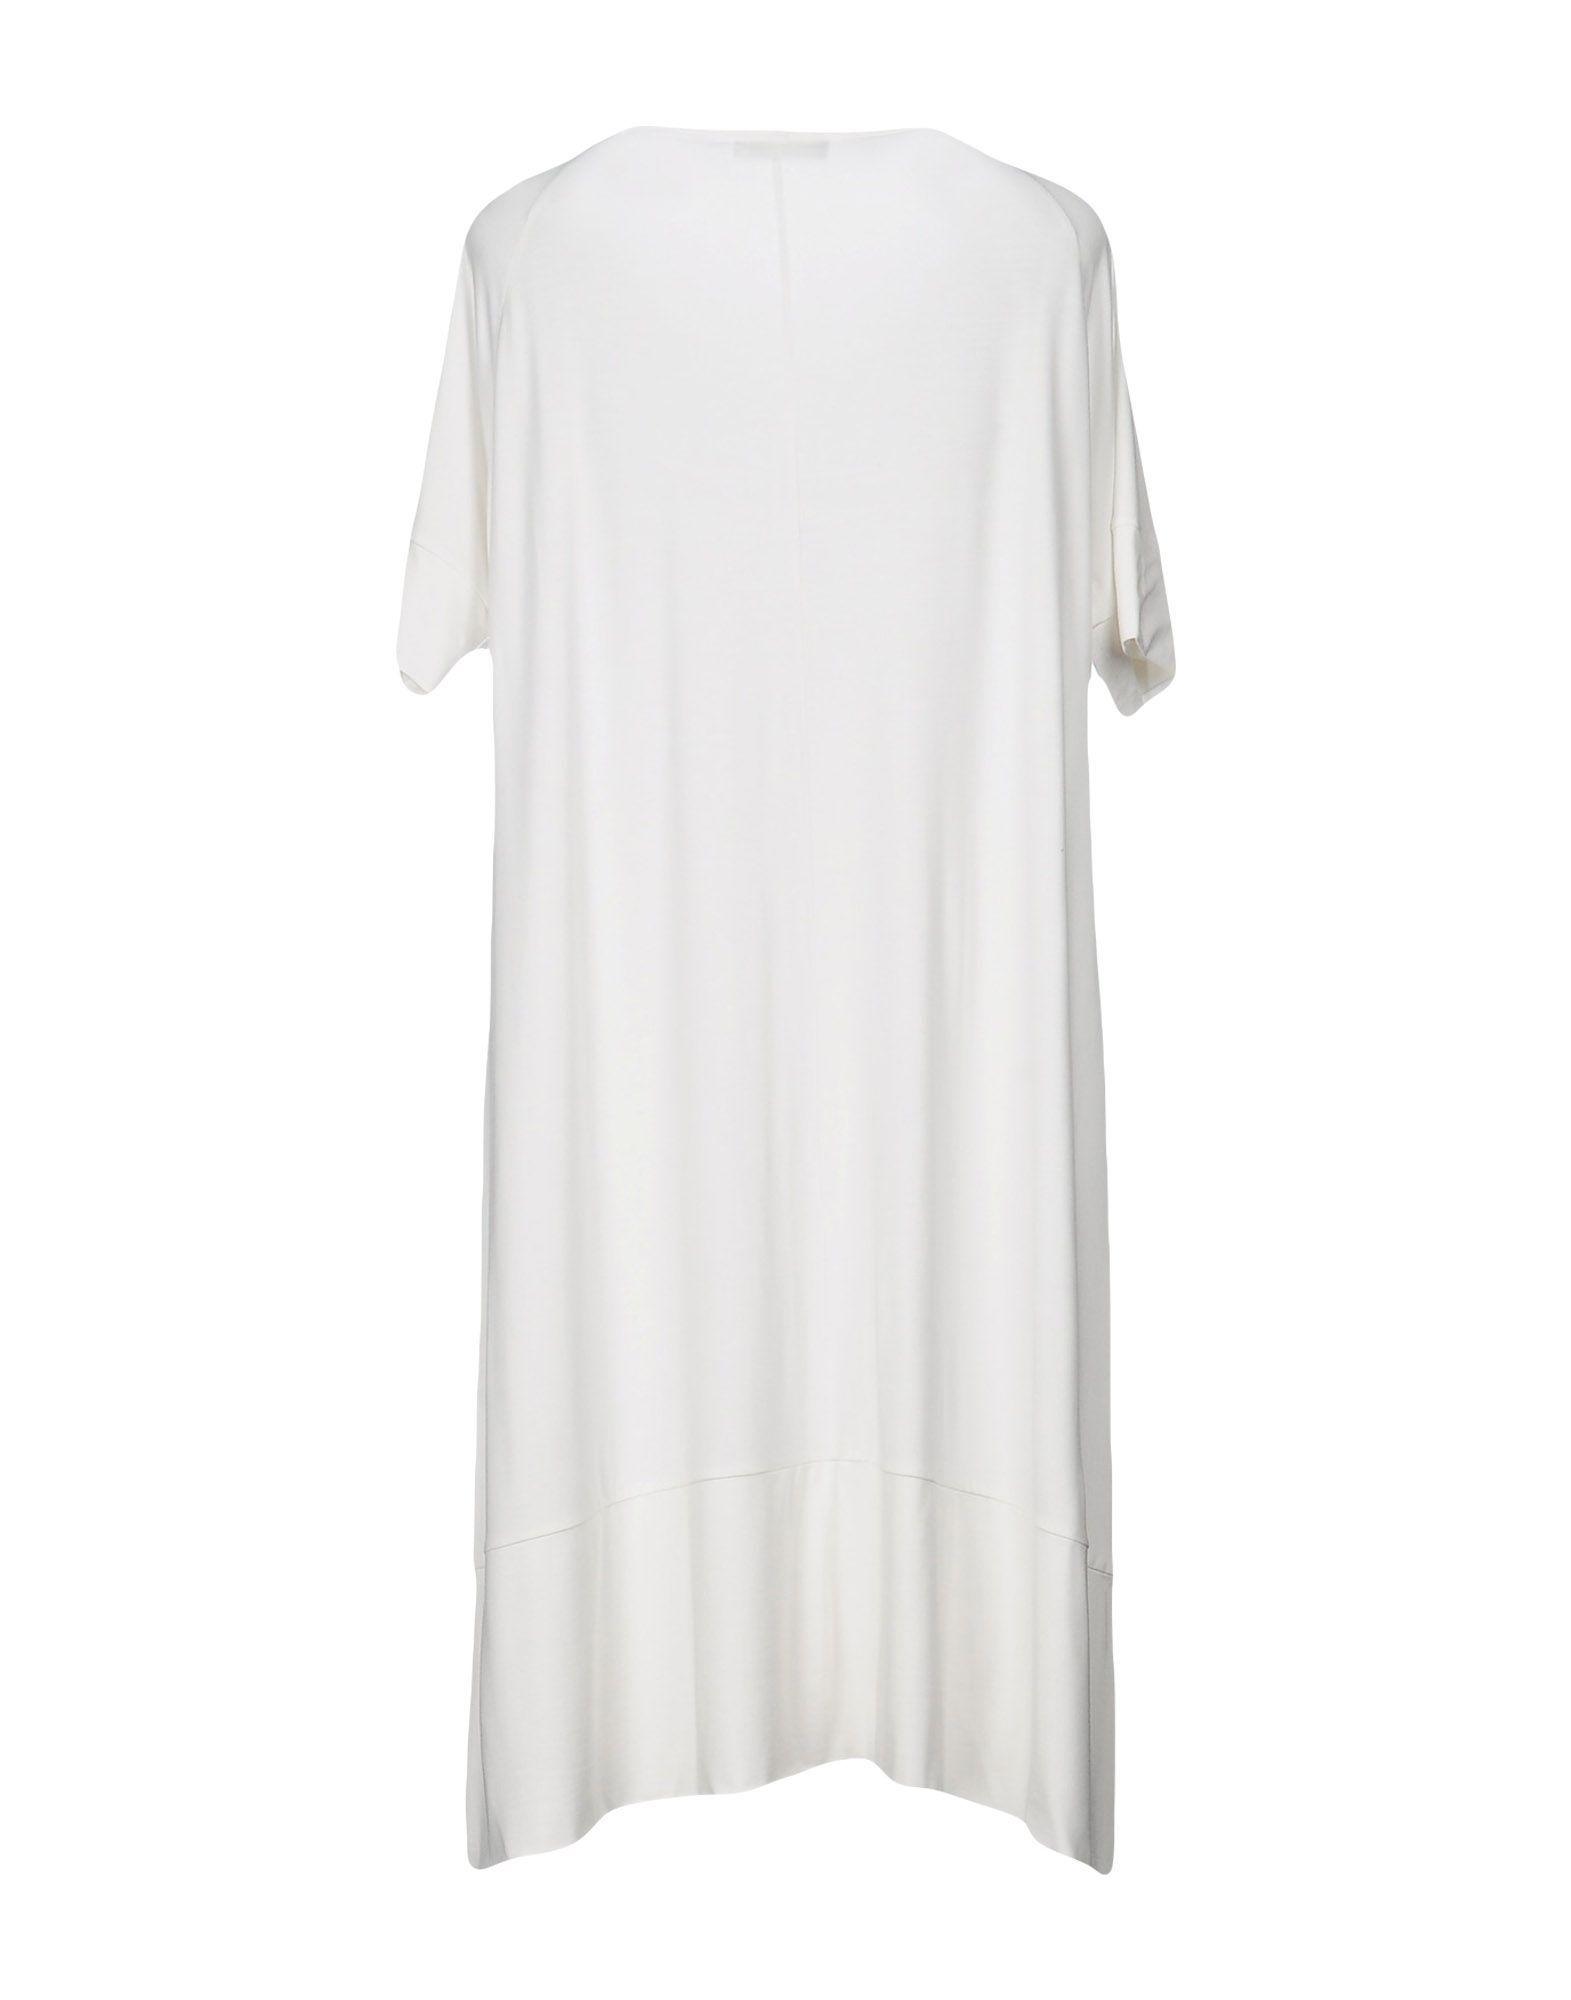 Dress Le Tricot Perugia White Women's Viscose